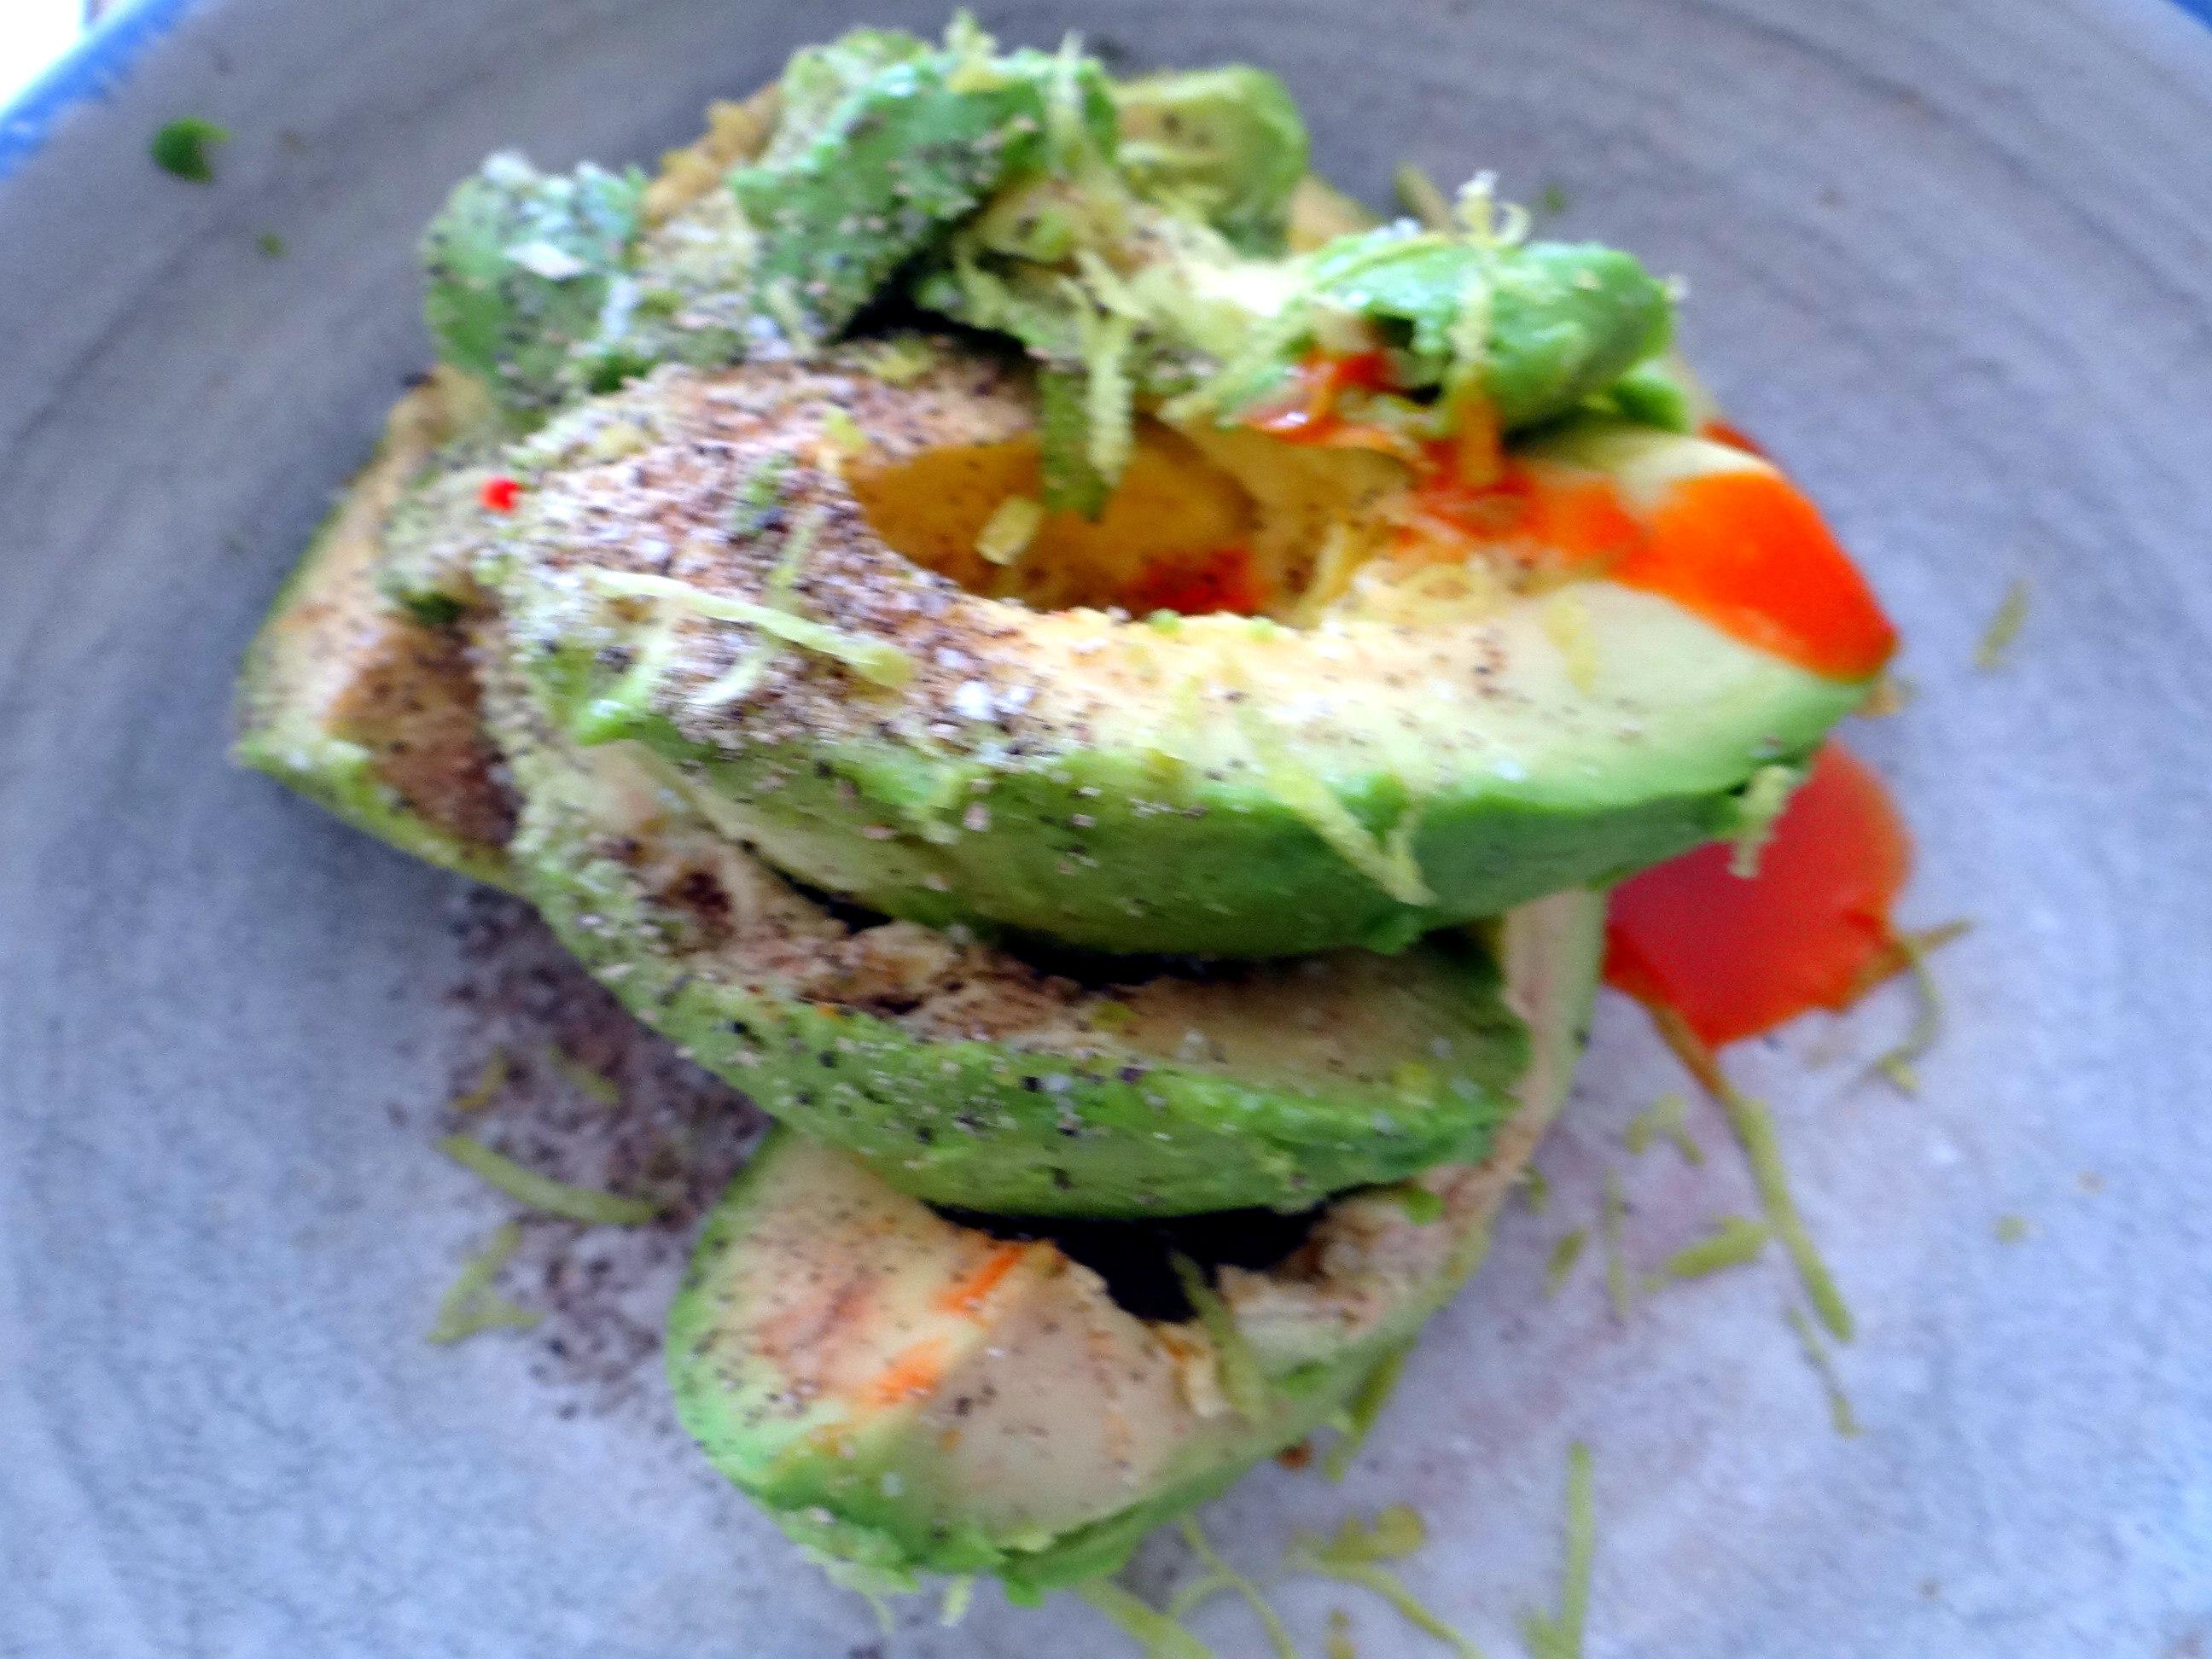 Lauwarmer Zucchinisalt,gedämpfte Möhren,Gurkensalat,Guacamole (11)